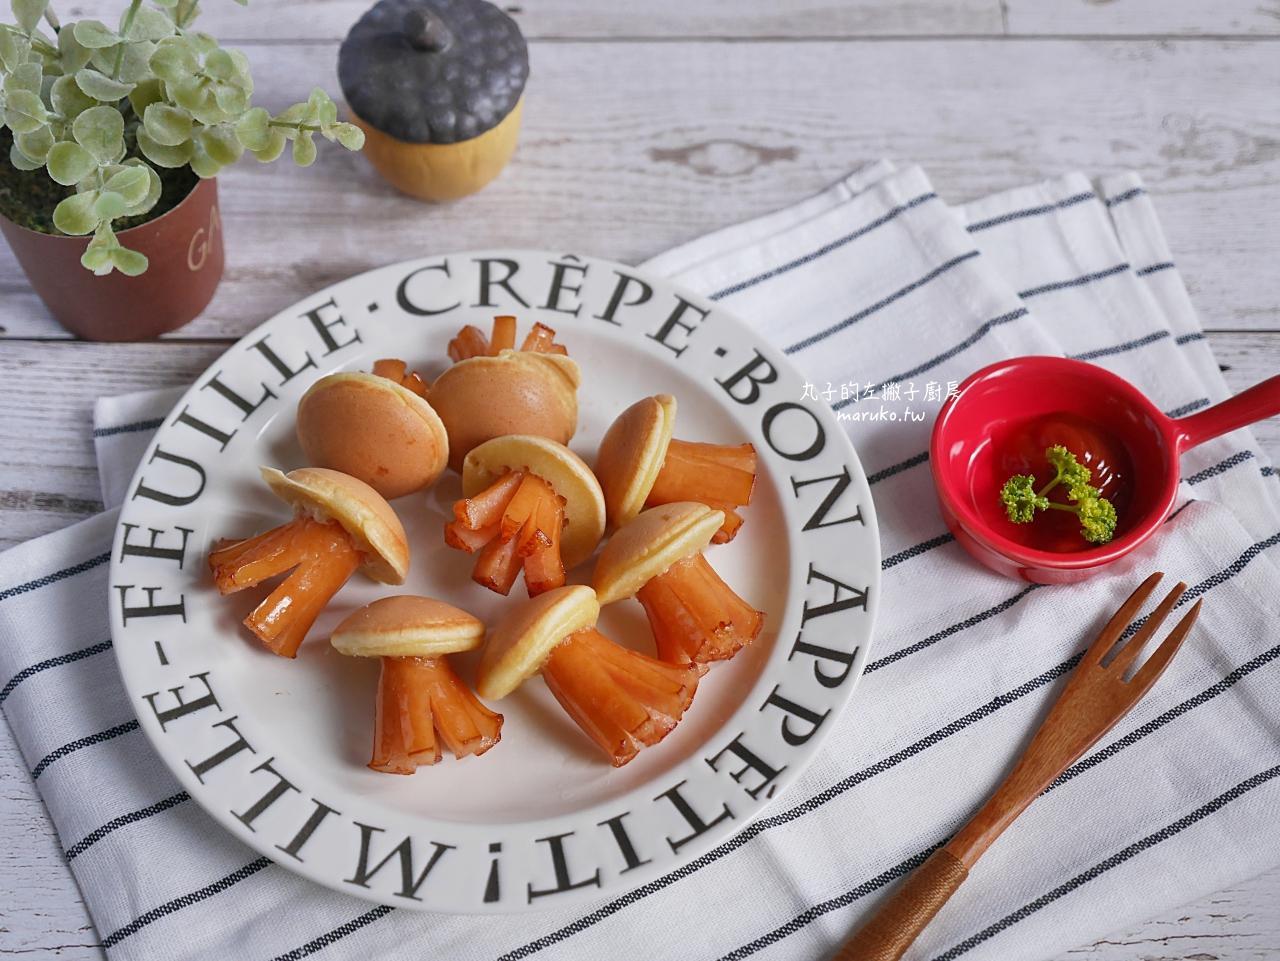 【鬆餅機食譜】水母燒 簡易自製鬆餅粉可愛又逗趣 用杯子蛋糕烤盤教你做鹹點心 @Maruko與美食有個約會